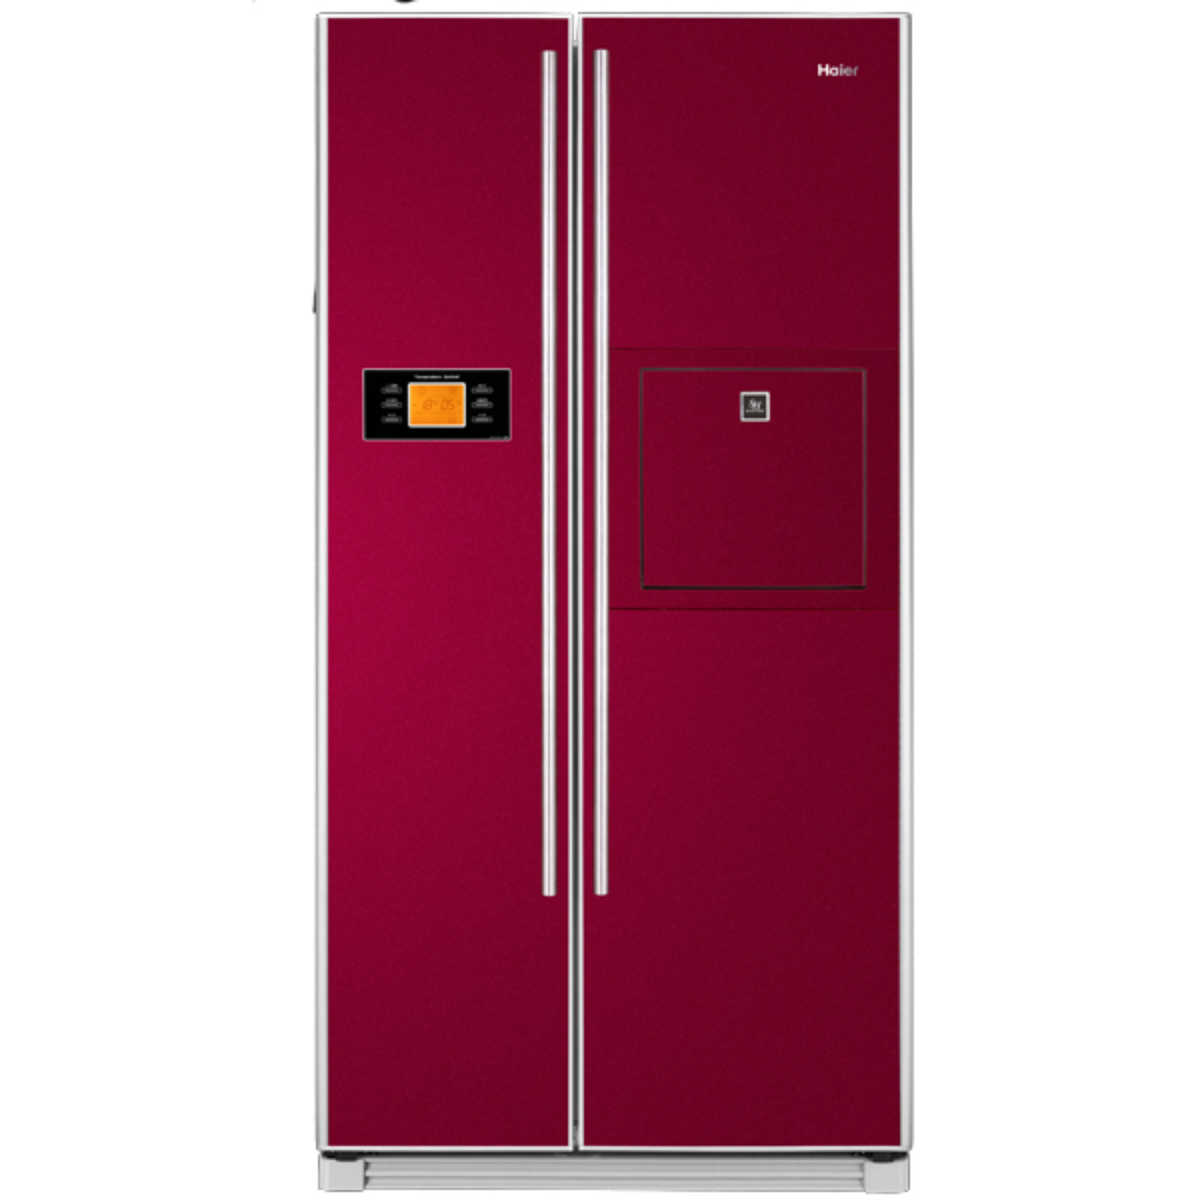 风冷冰箱和直冷冰箱有什么差别 风冷冰箱和直冷冰箱